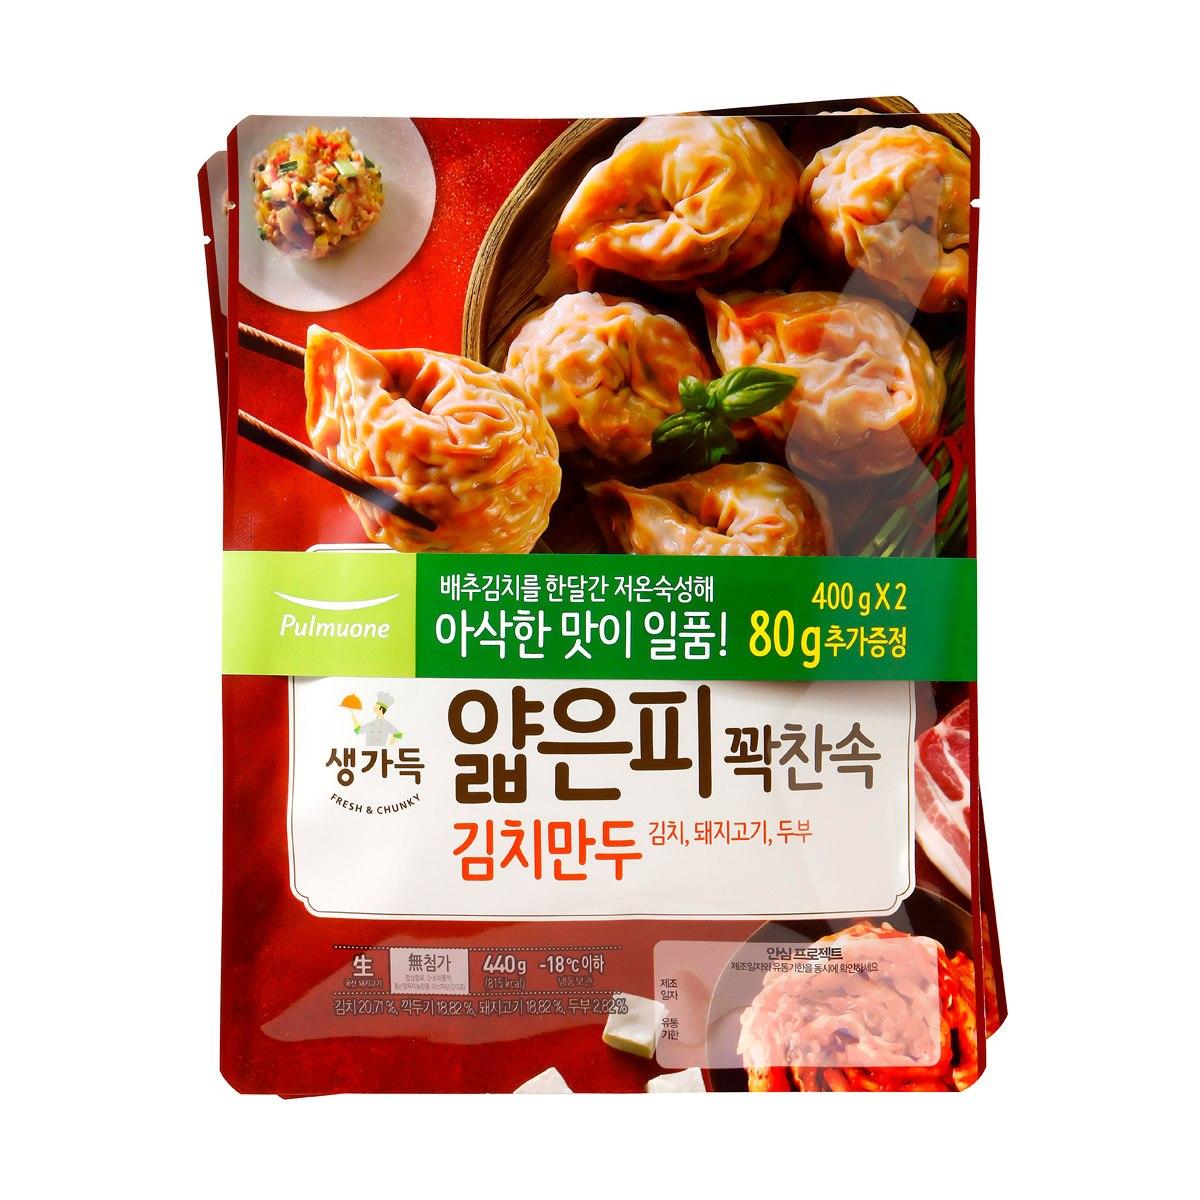 ★아이스박스★풀무원 얇은피꽉찬속 김치만두 400gx2, 단일상품